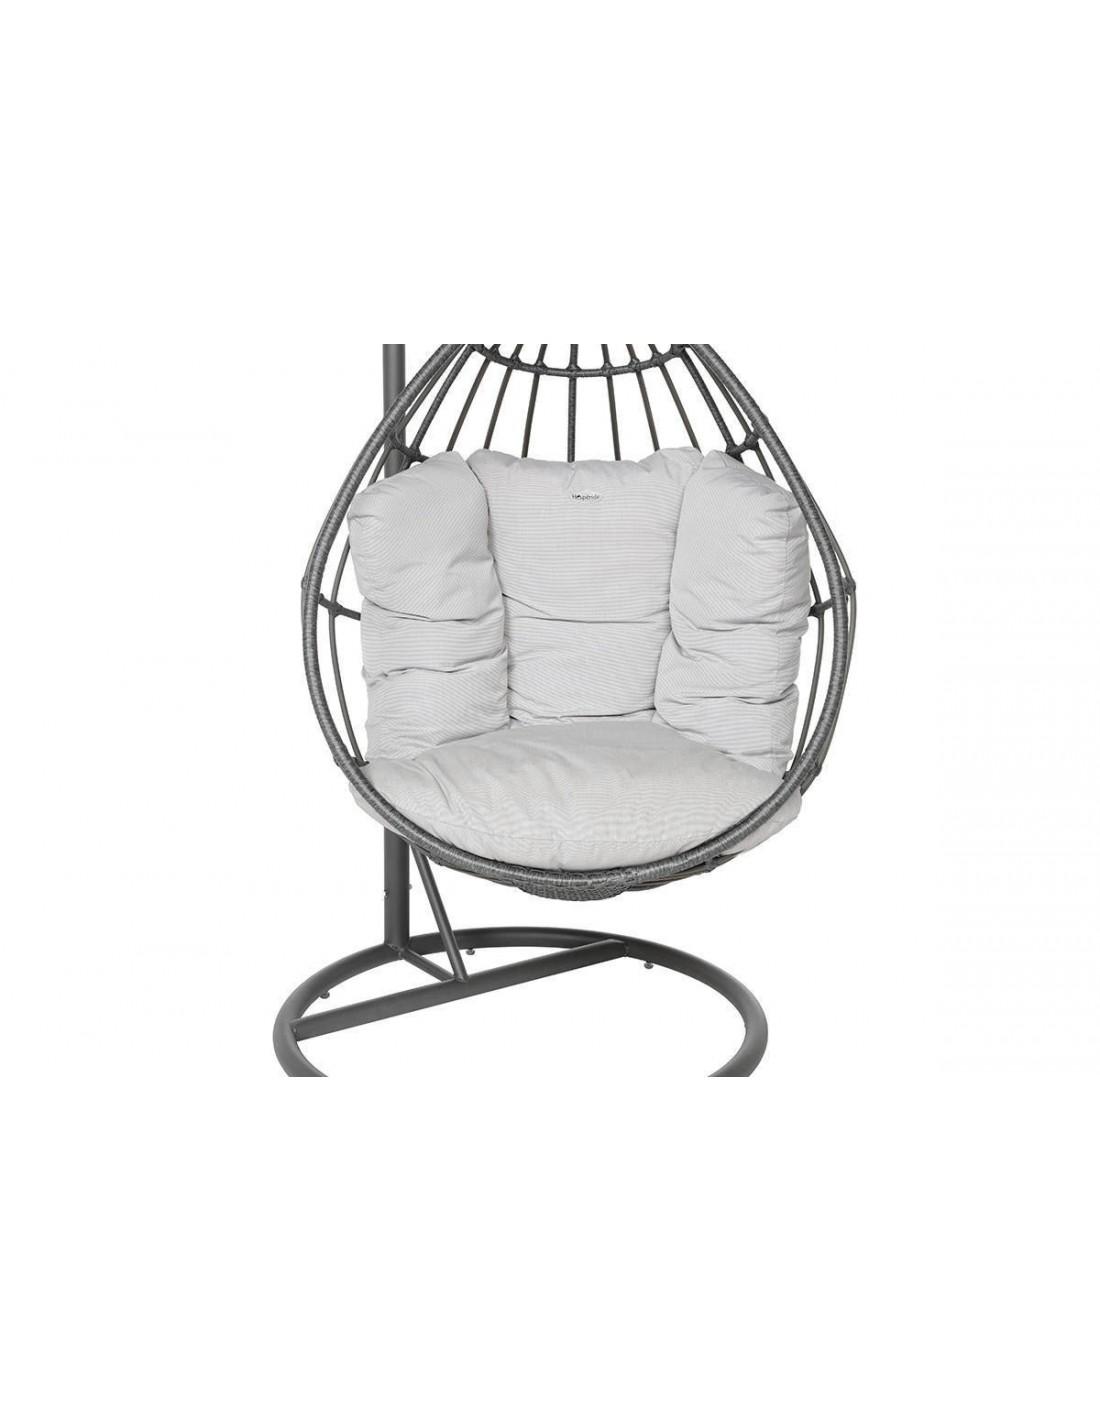 fauteuil suspendu merengue acier et r sine grise hesp ride. Black Bedroom Furniture Sets. Home Design Ideas